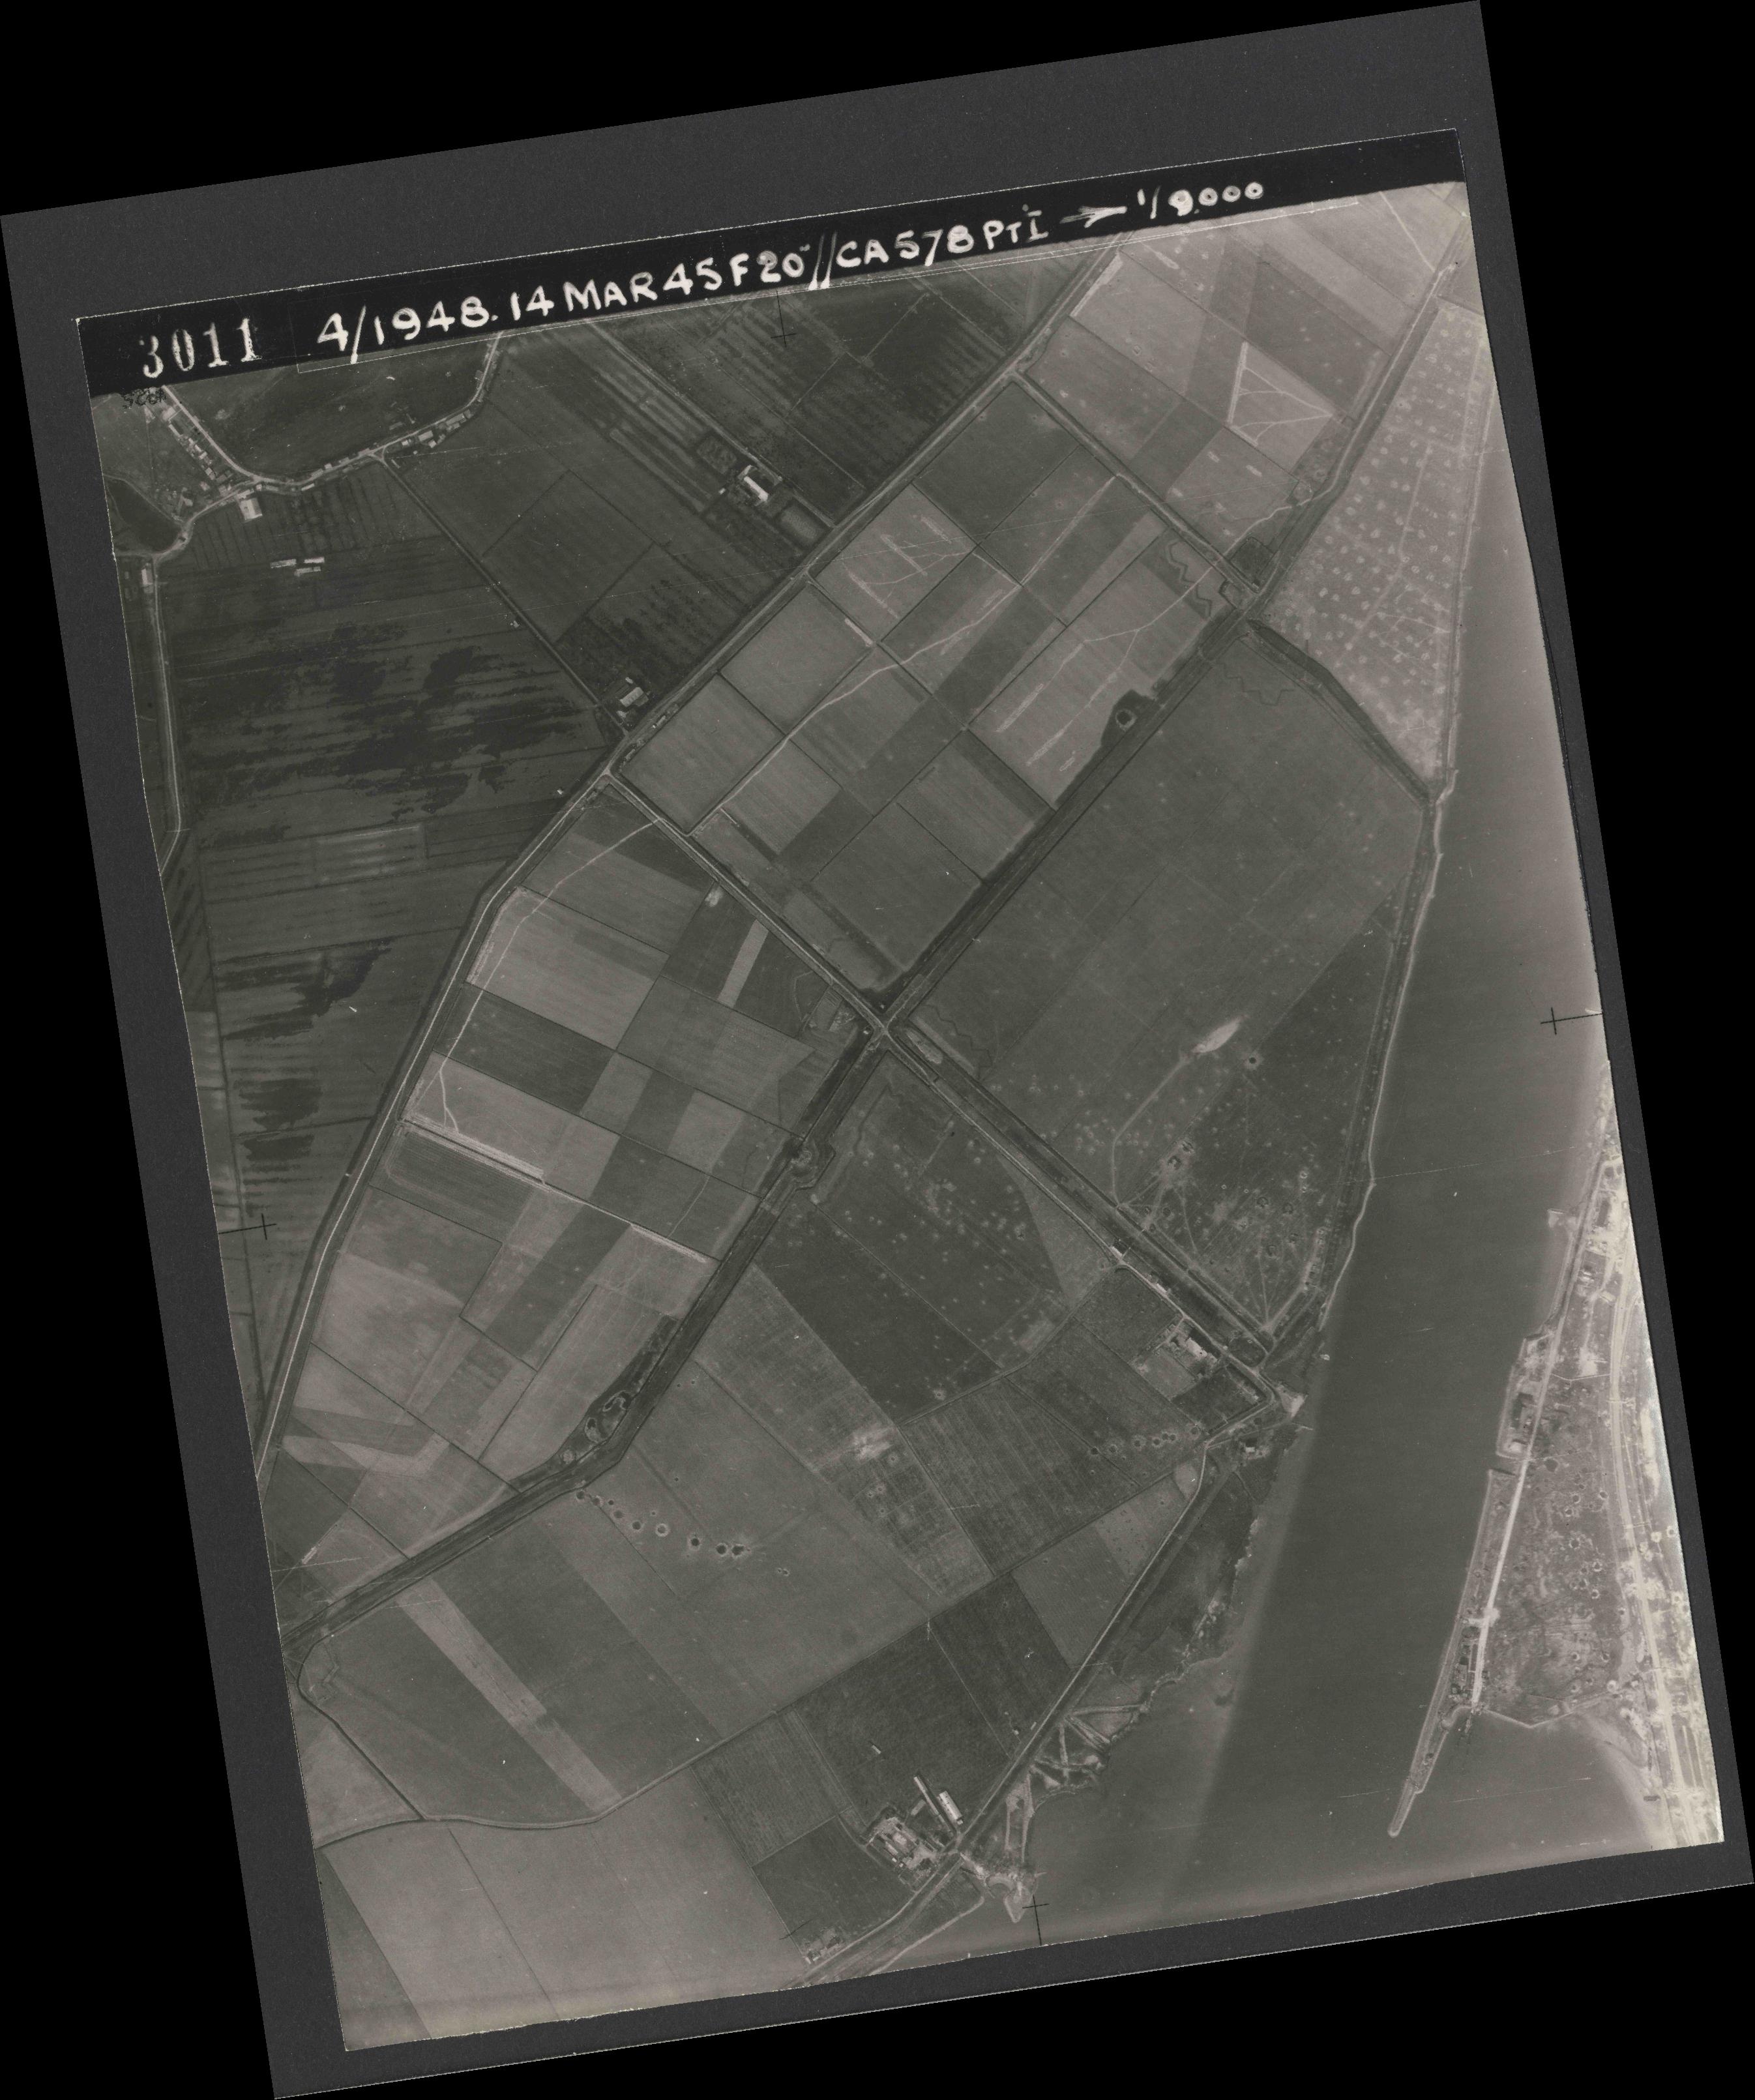 Collection RAF aerial photos 1940-1945 - flight 095, run 03, photo 3011